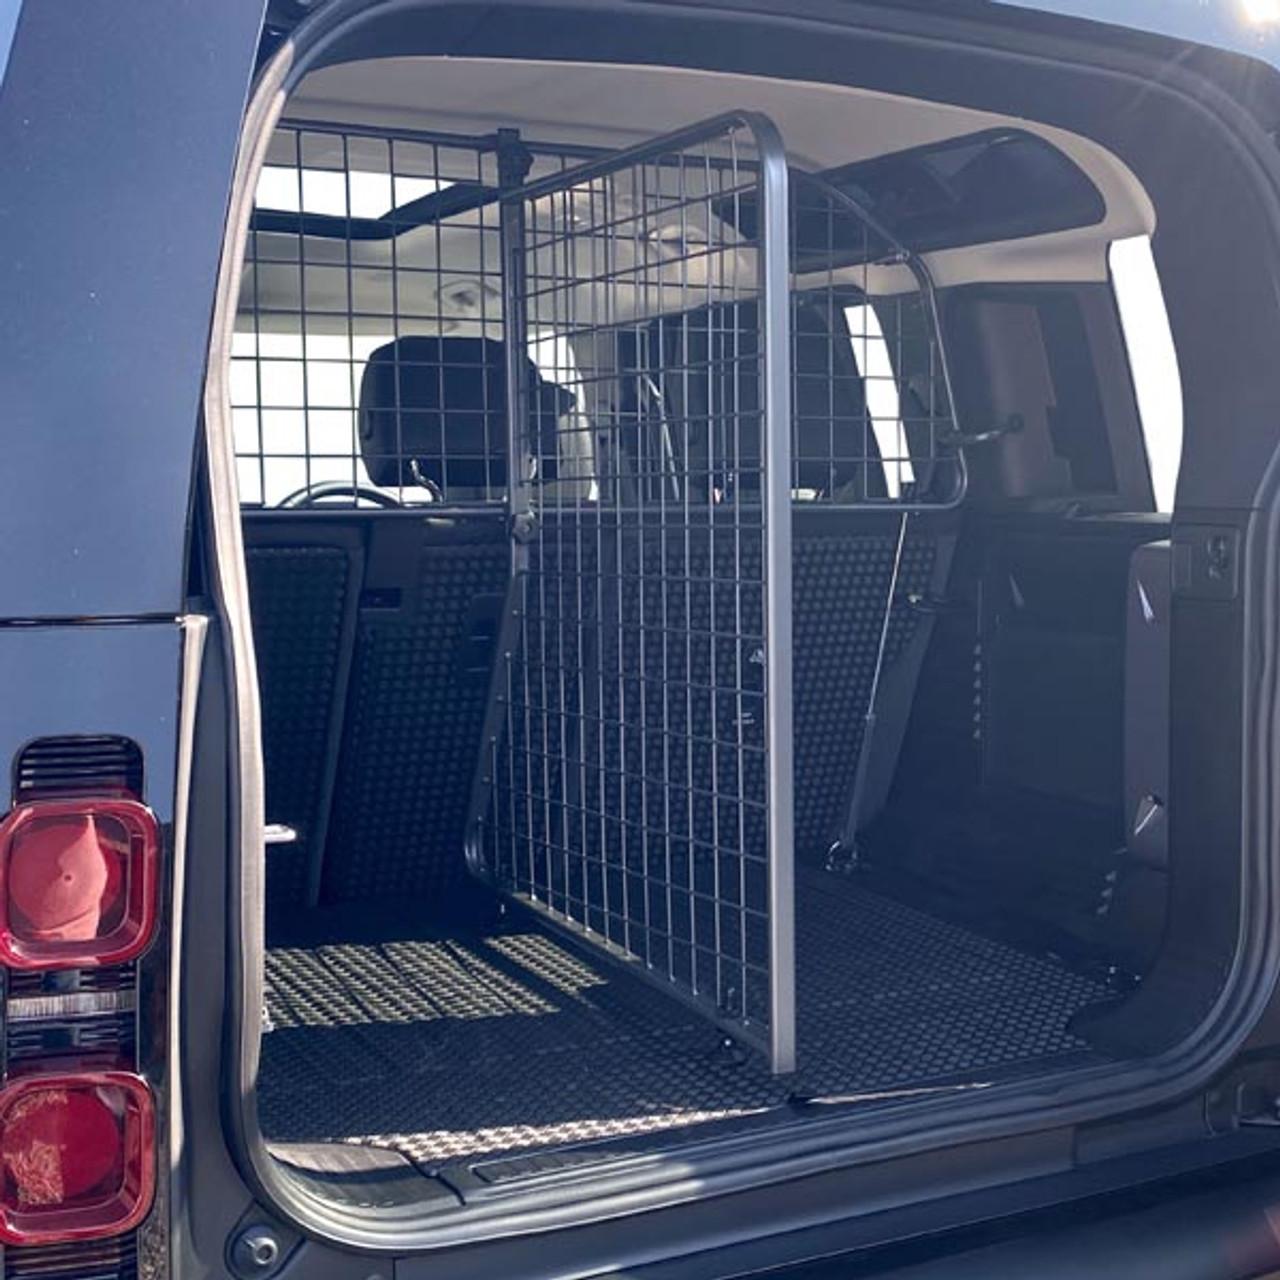 Land Rover Defender divider